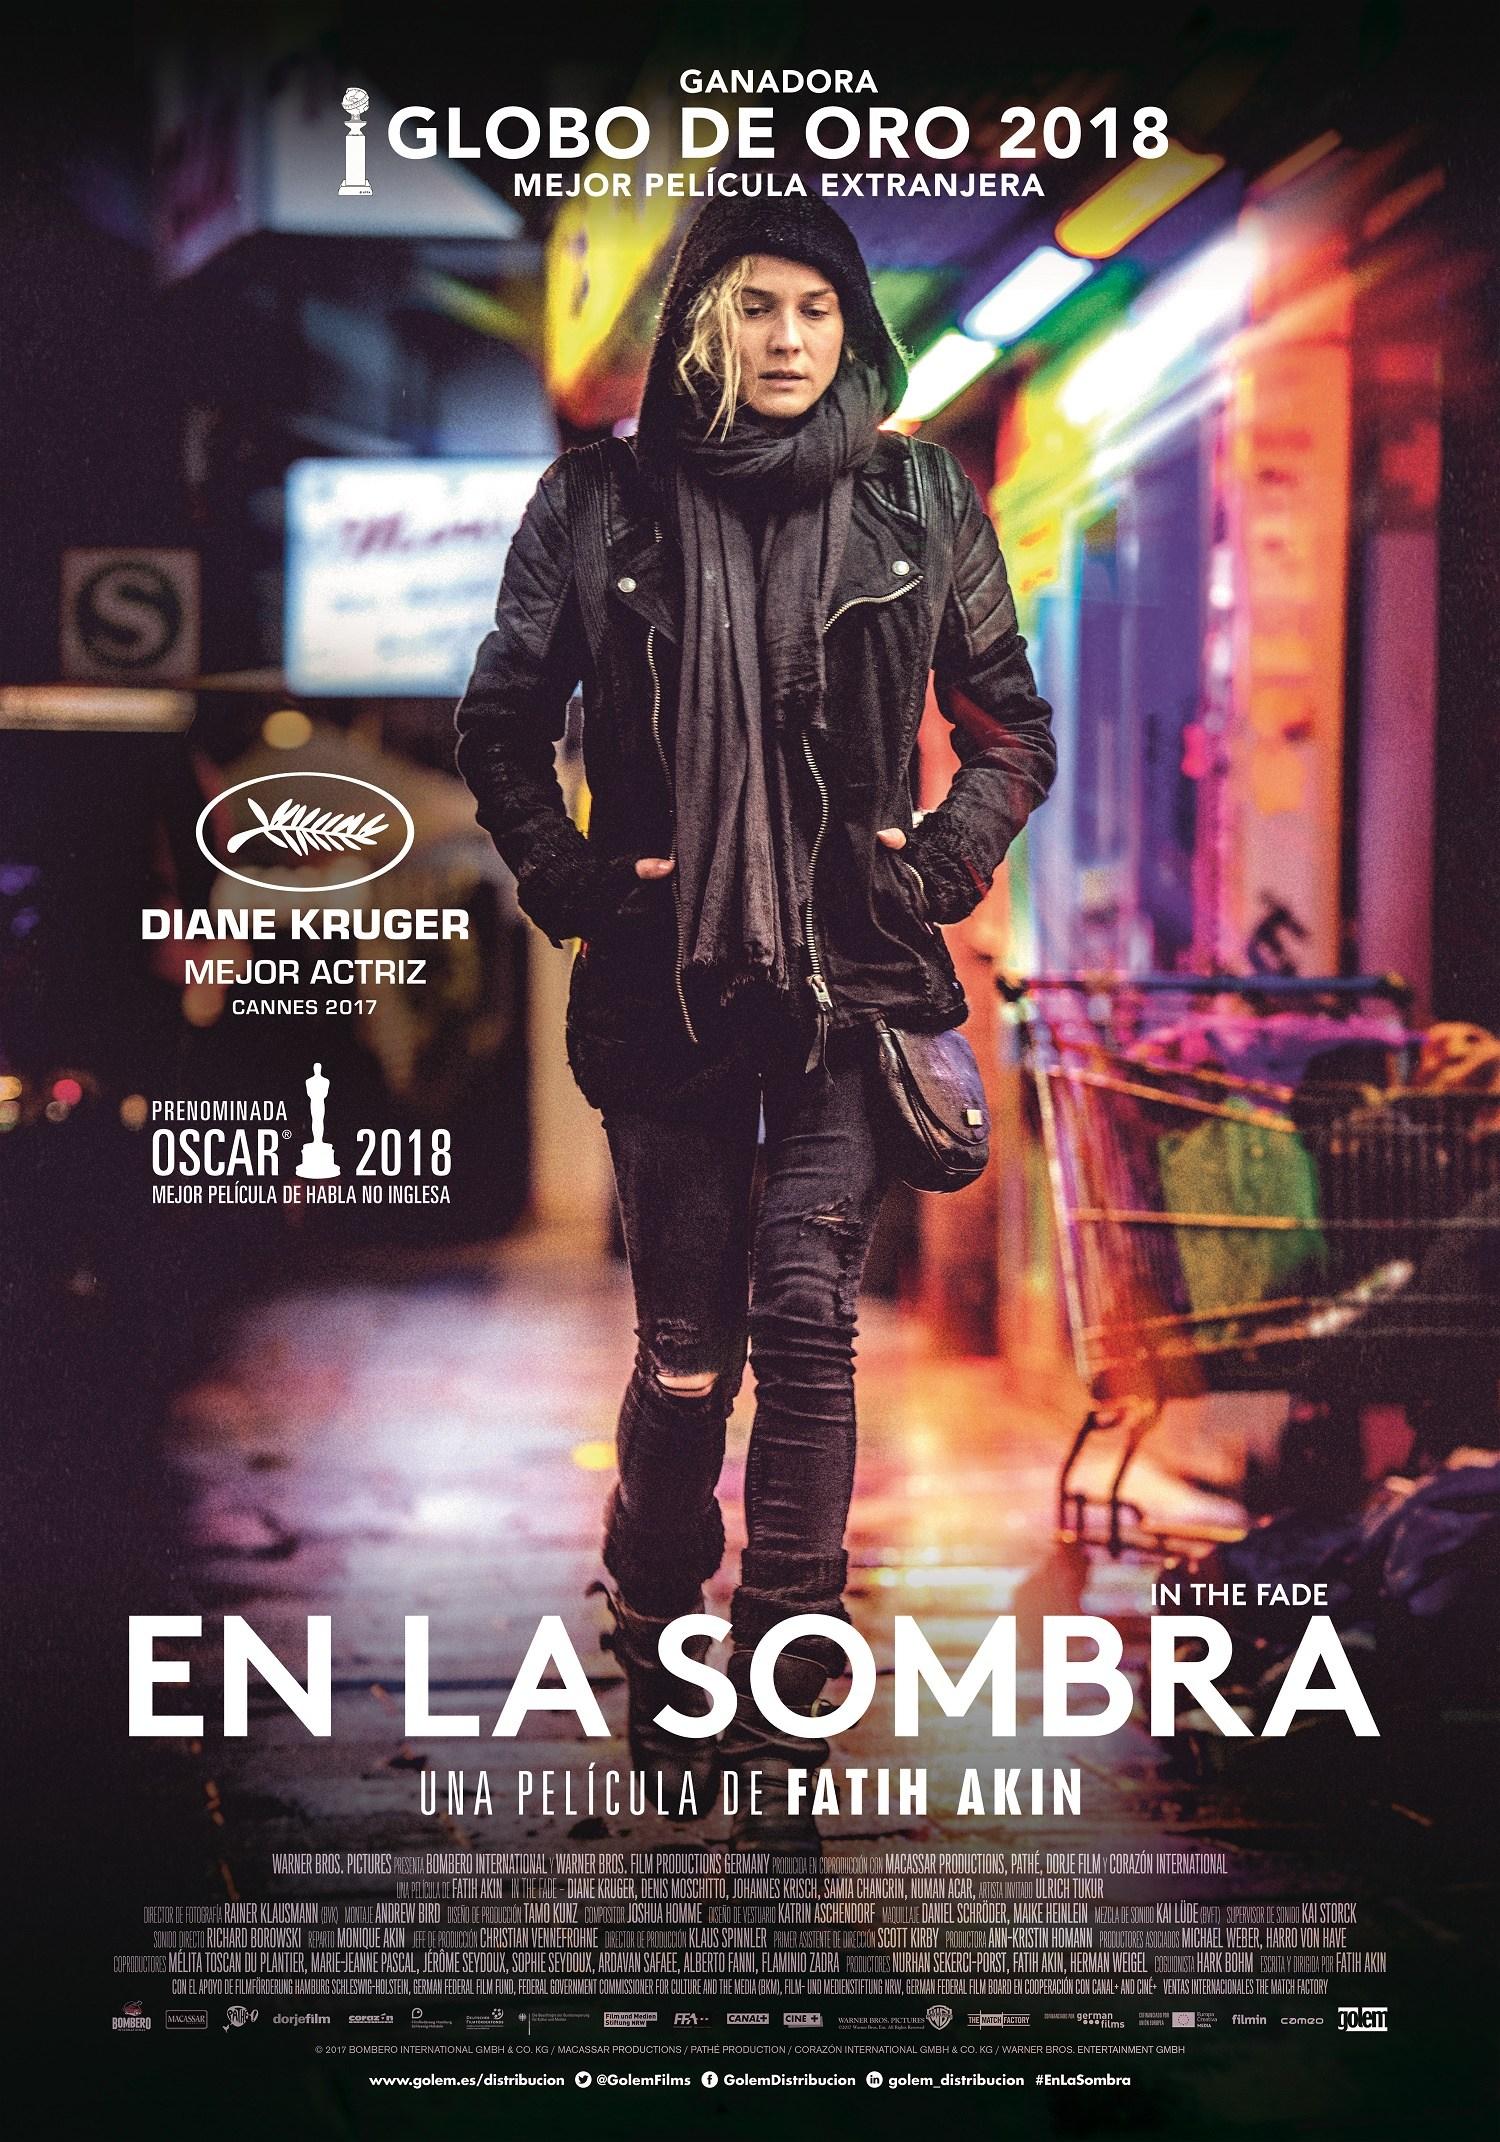 EN LA SOMBRA Cineclub Alcarreño